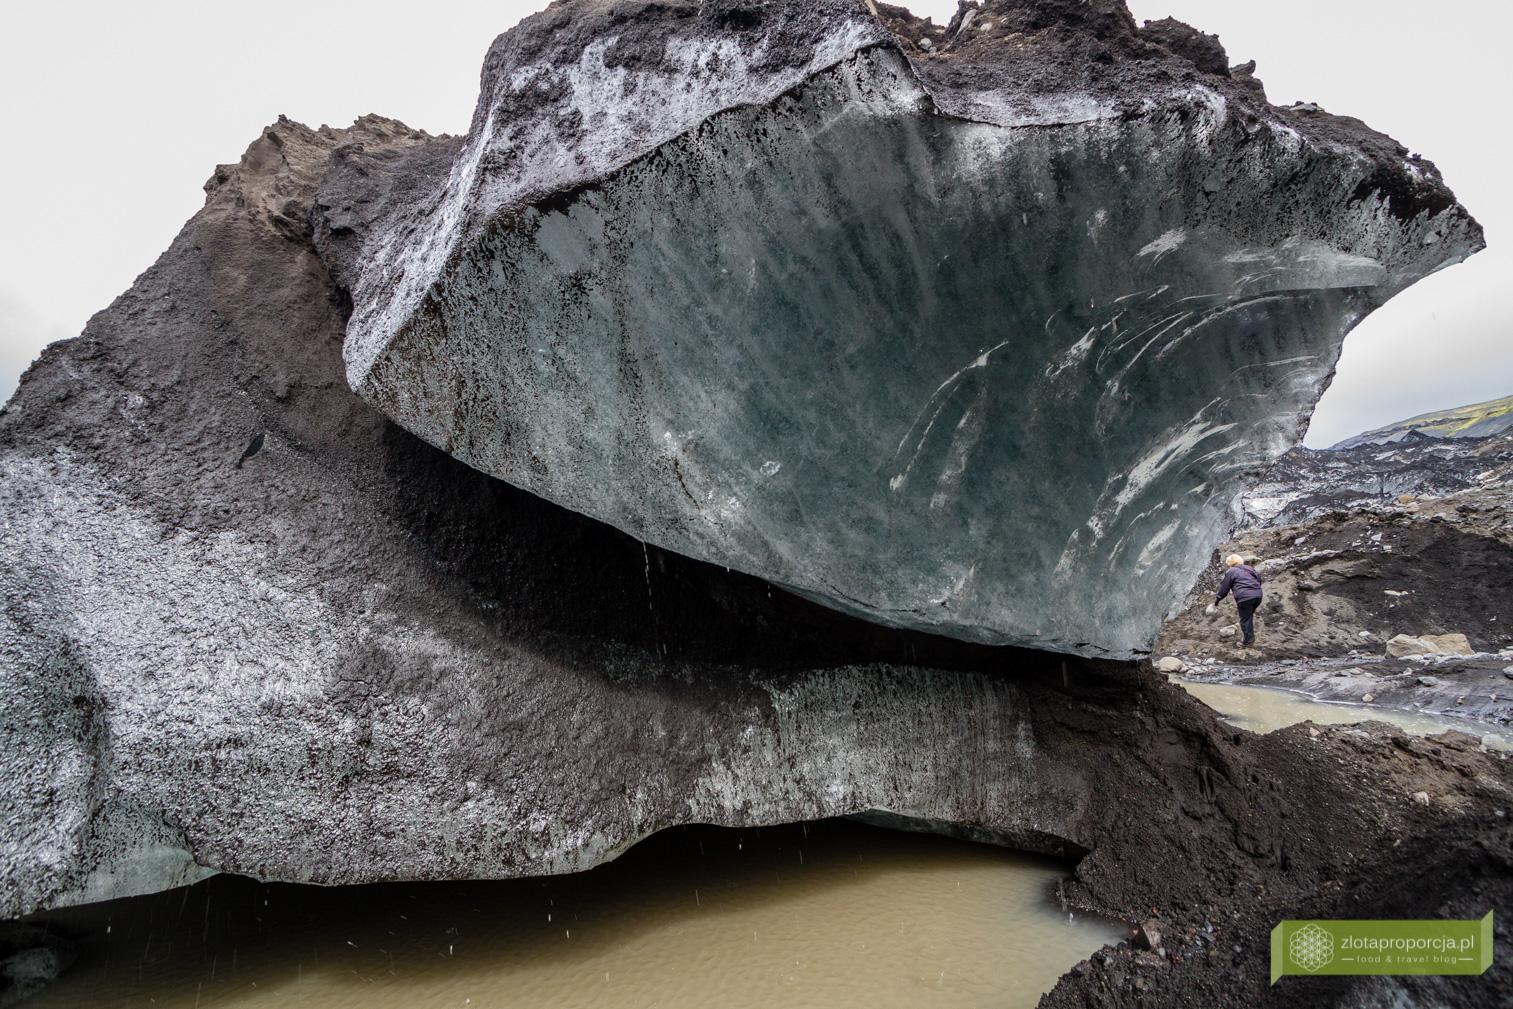 lodowiec Sólheimajökull, lodowce na Islandii, Południowo-zachodnia Islandia, Islandia, Islandia atrakcje, Islandia ciekawe miejsca